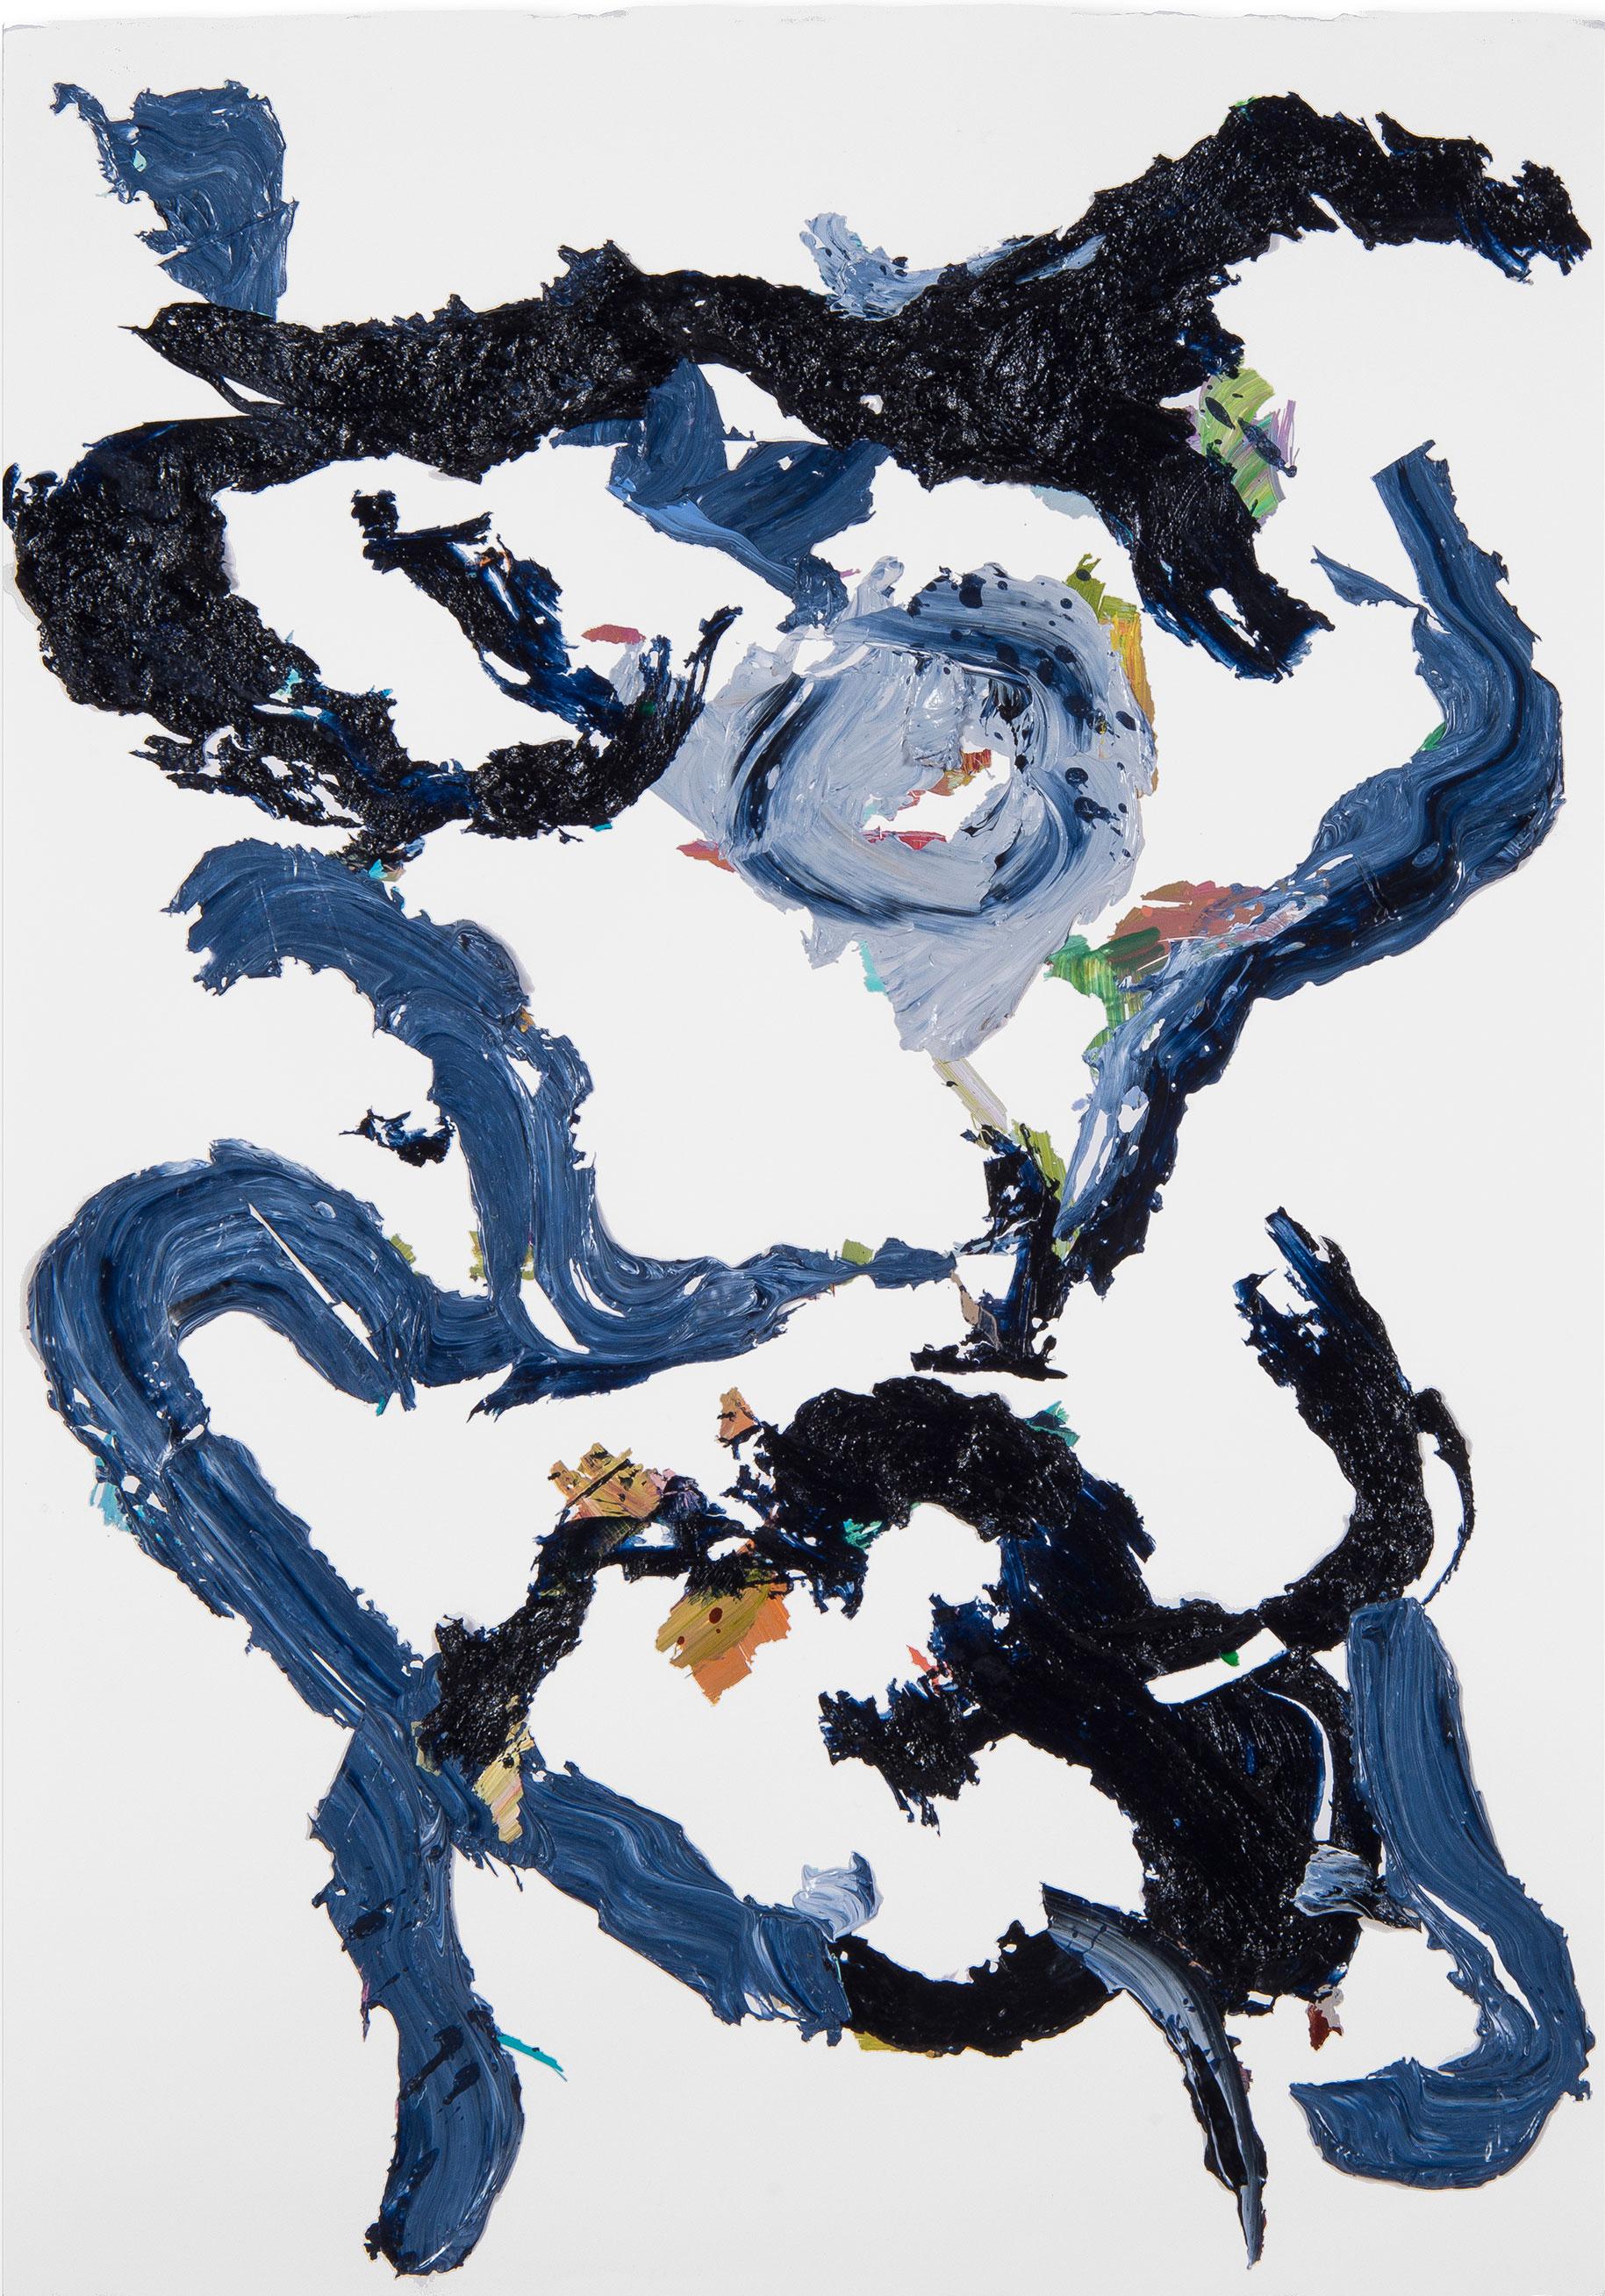 Blue/Black Rose 1